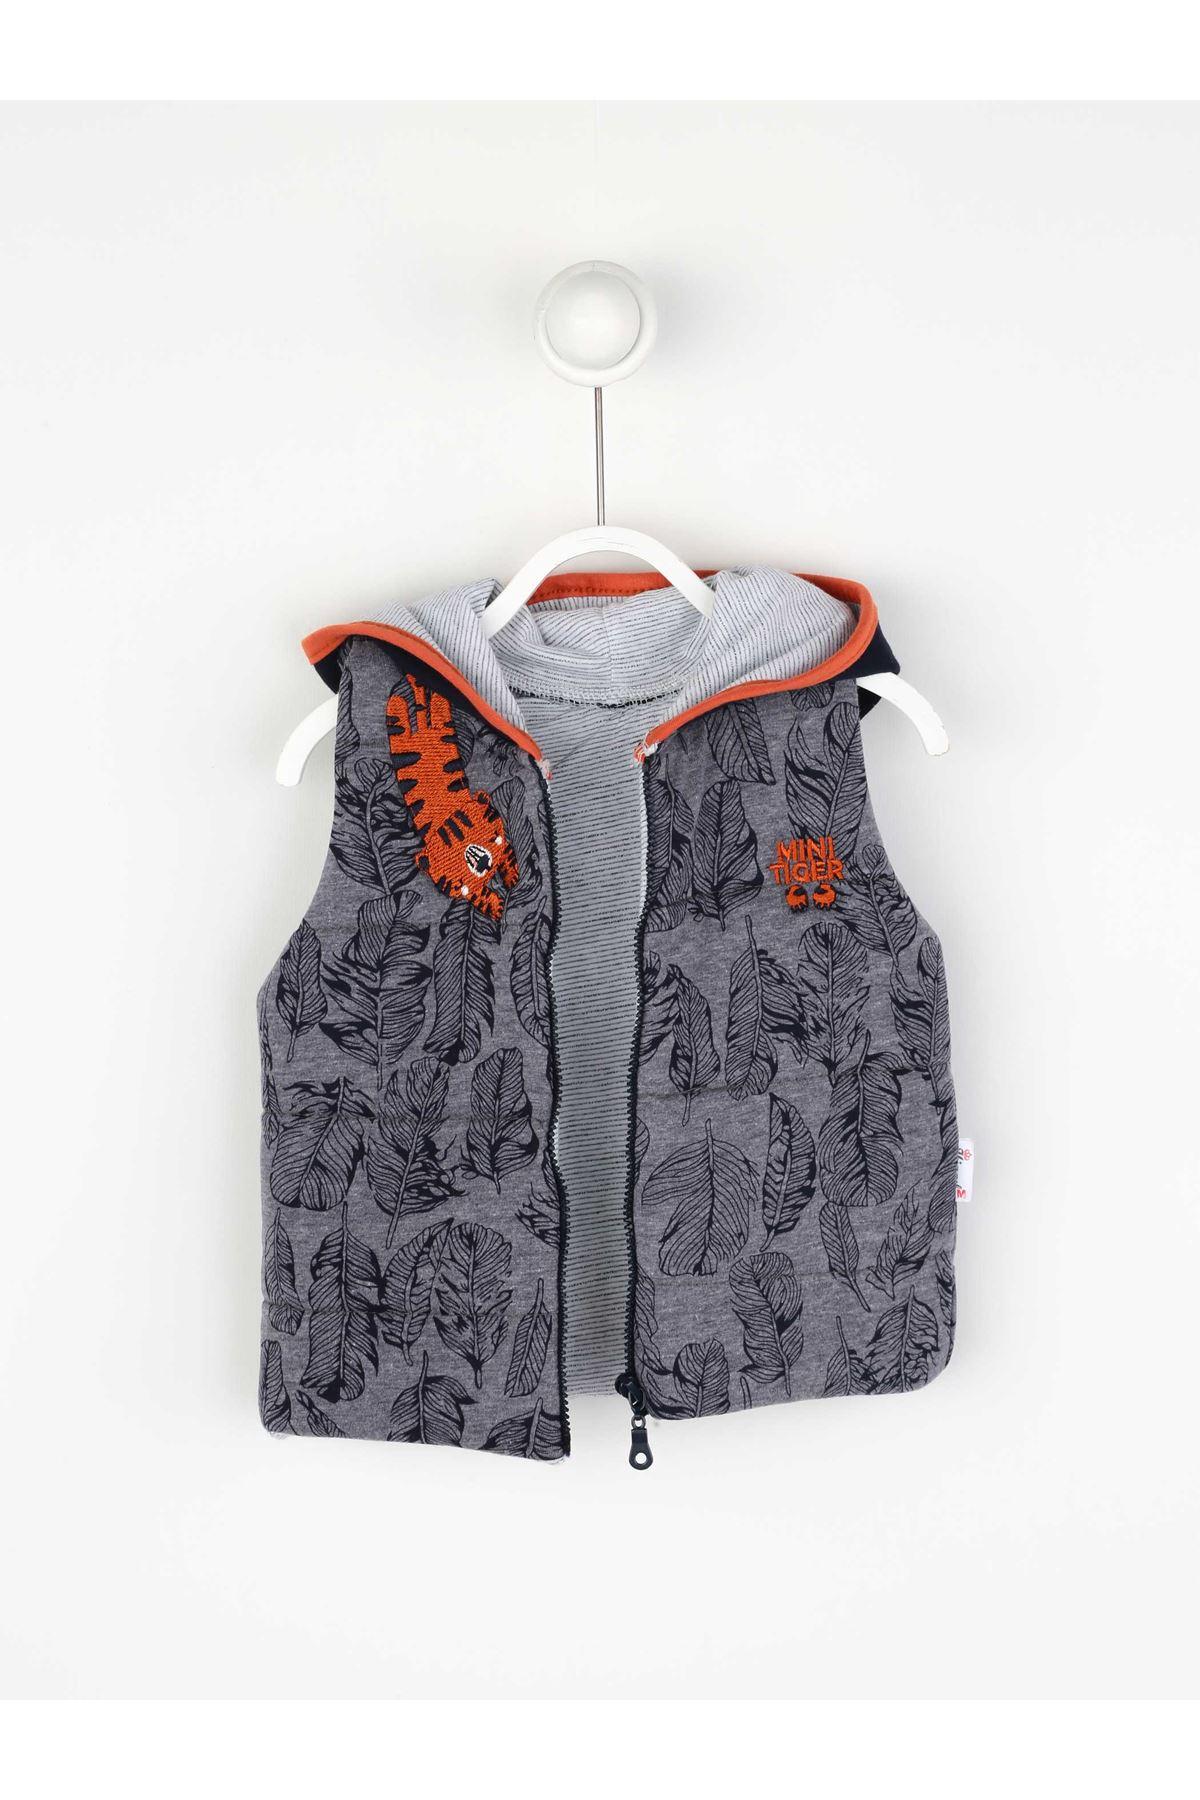 Lacivert Mevsimlik Erkek Bebek Yelekli Takım